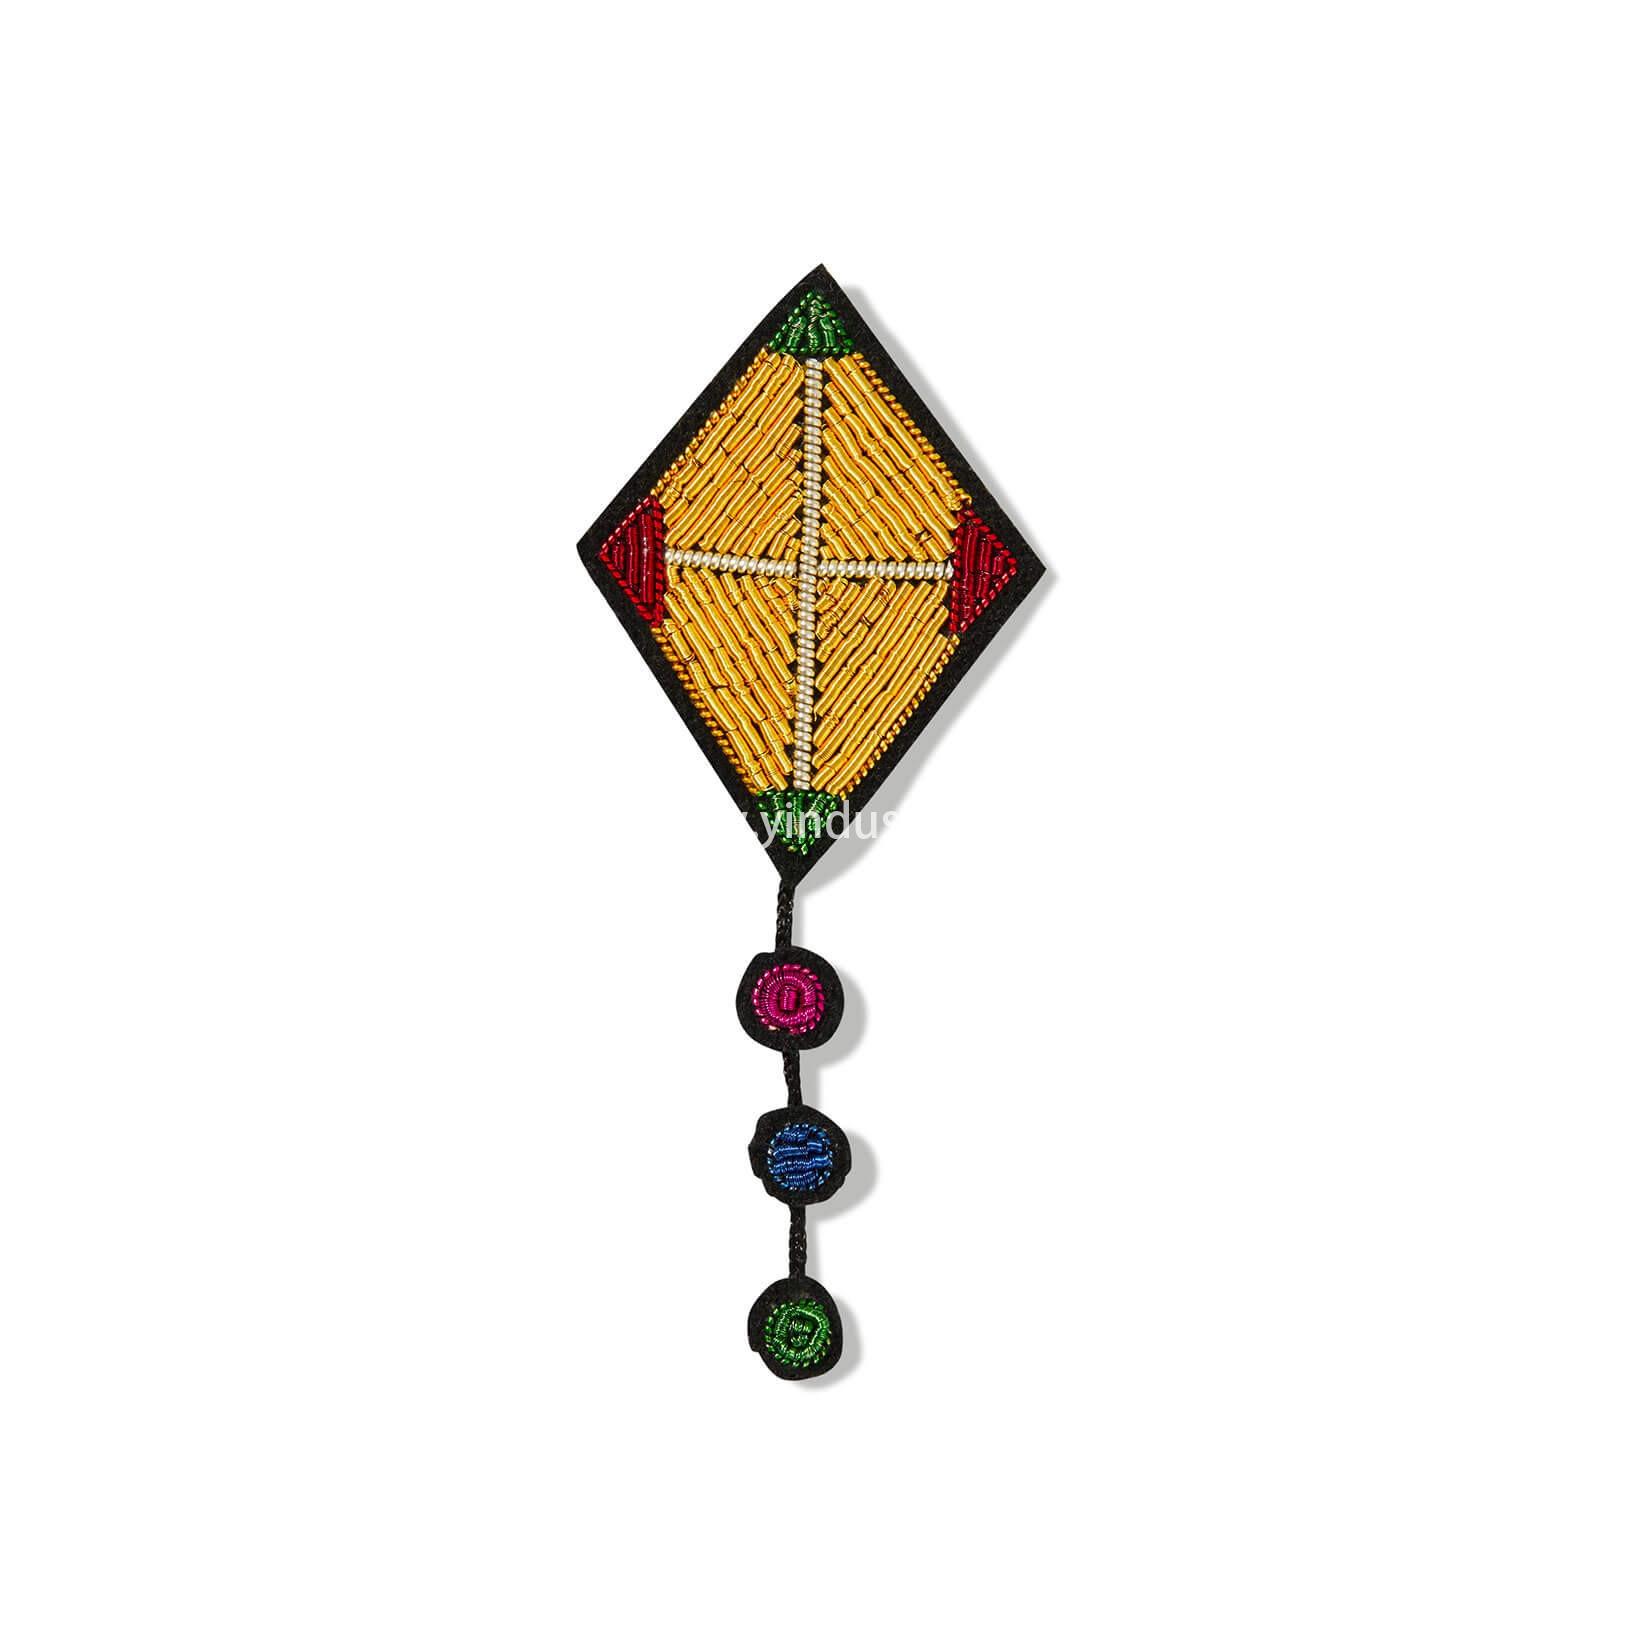 印度丝徽章工厂手工刺绣金属丝创意风筝胸针定制,在风中!